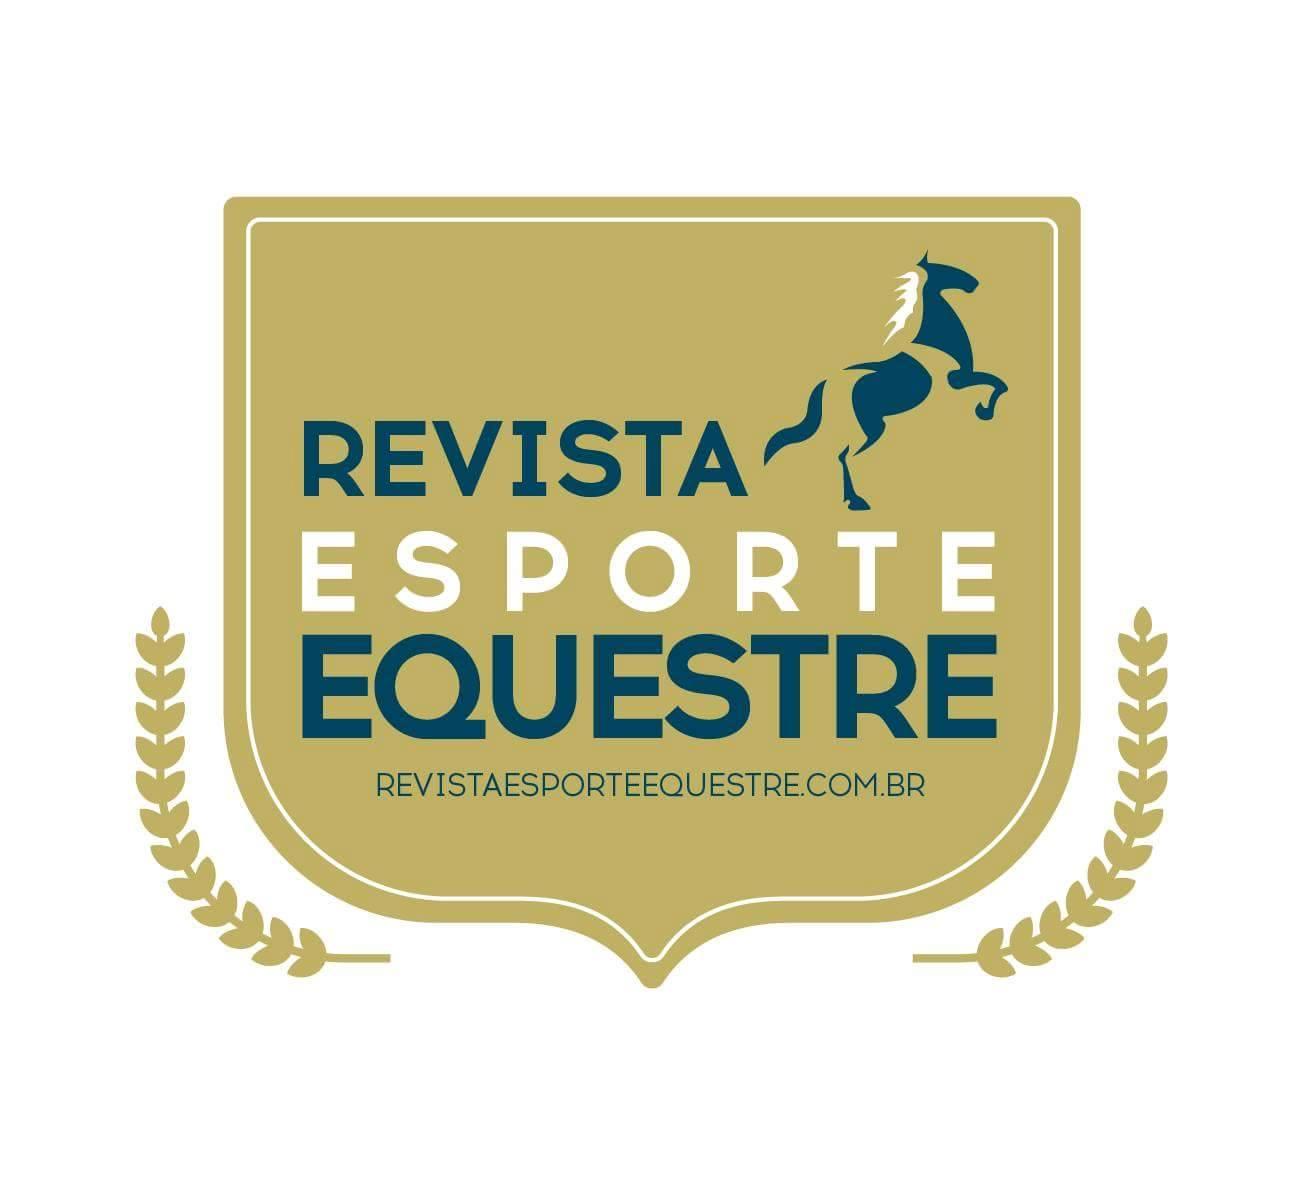 esporte equestre